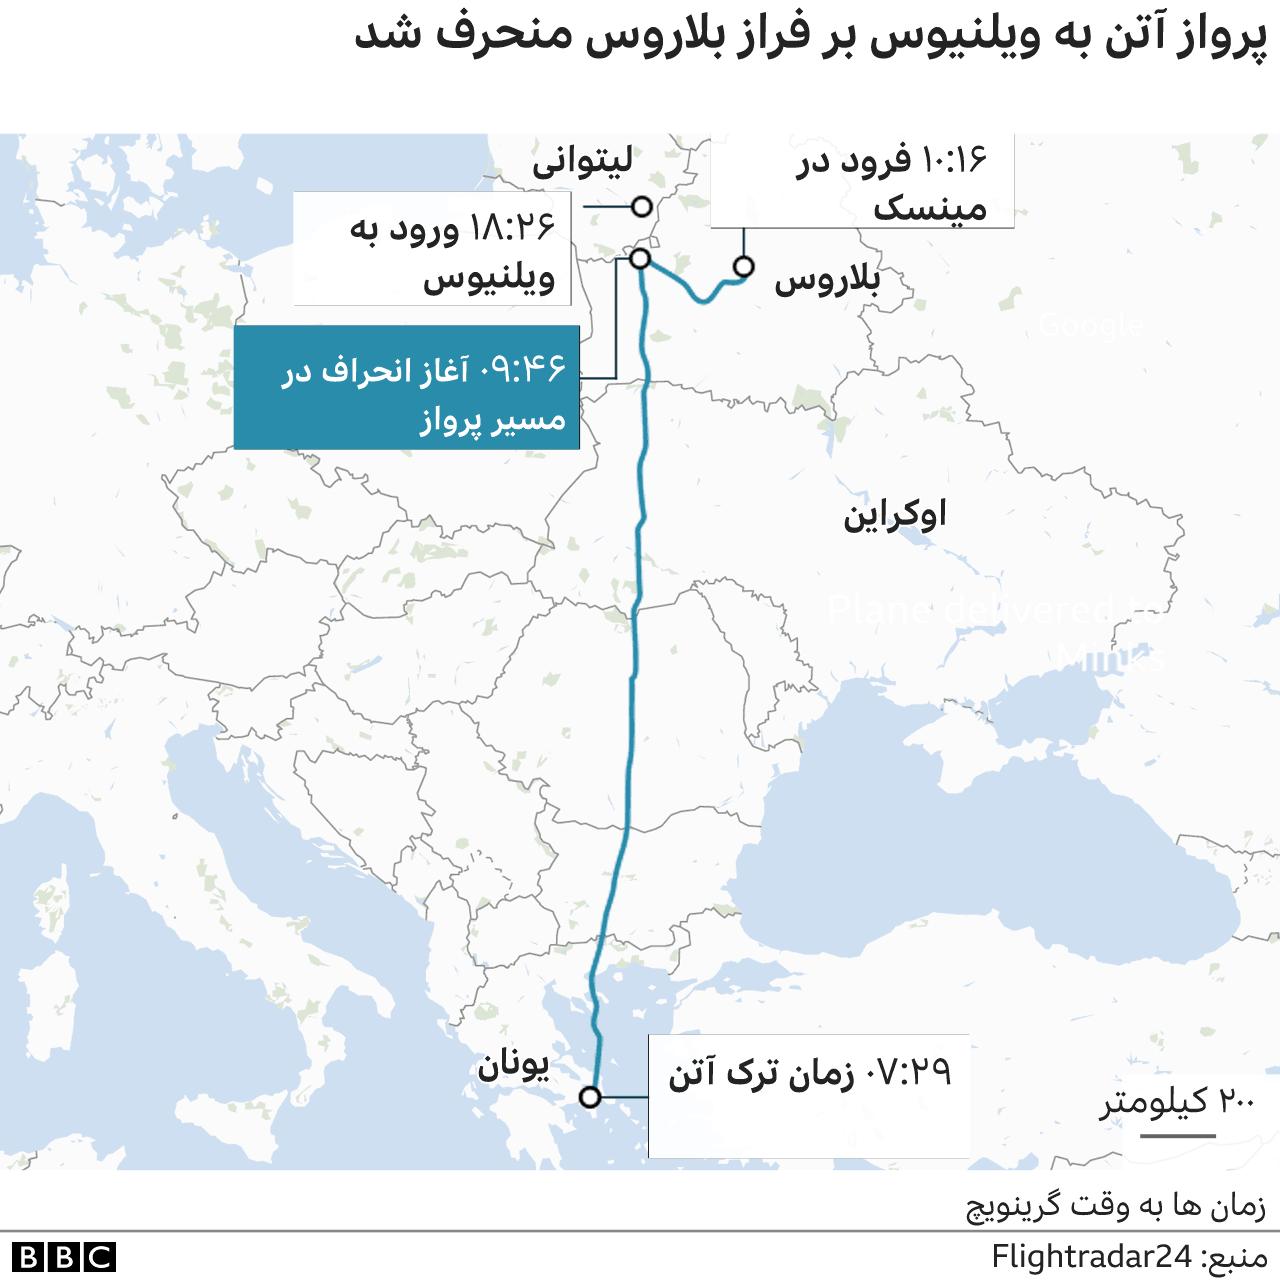 نقشه مسیر هواپیمای منحرف شده